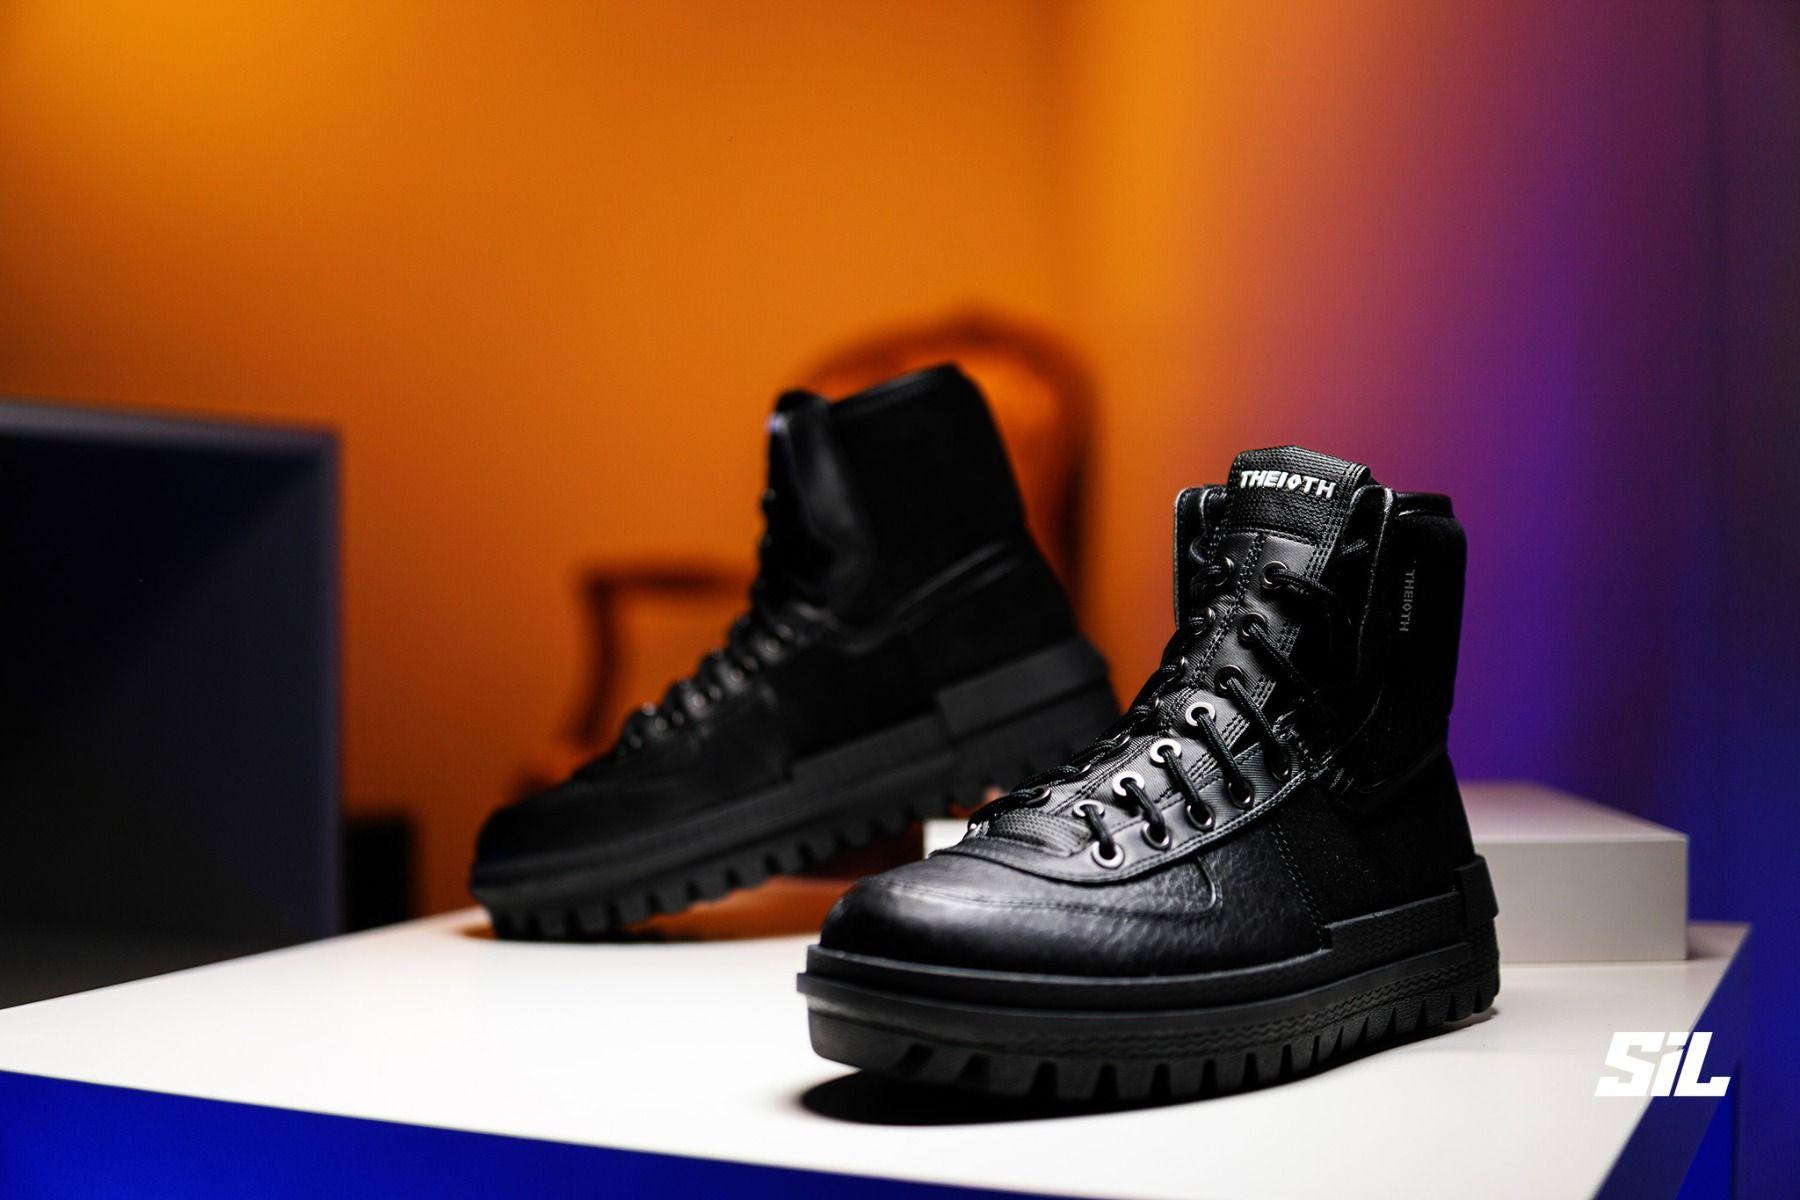 Nike Xarr juodi laisvalaikio batai rudeniui, puiki kedu alternatyva